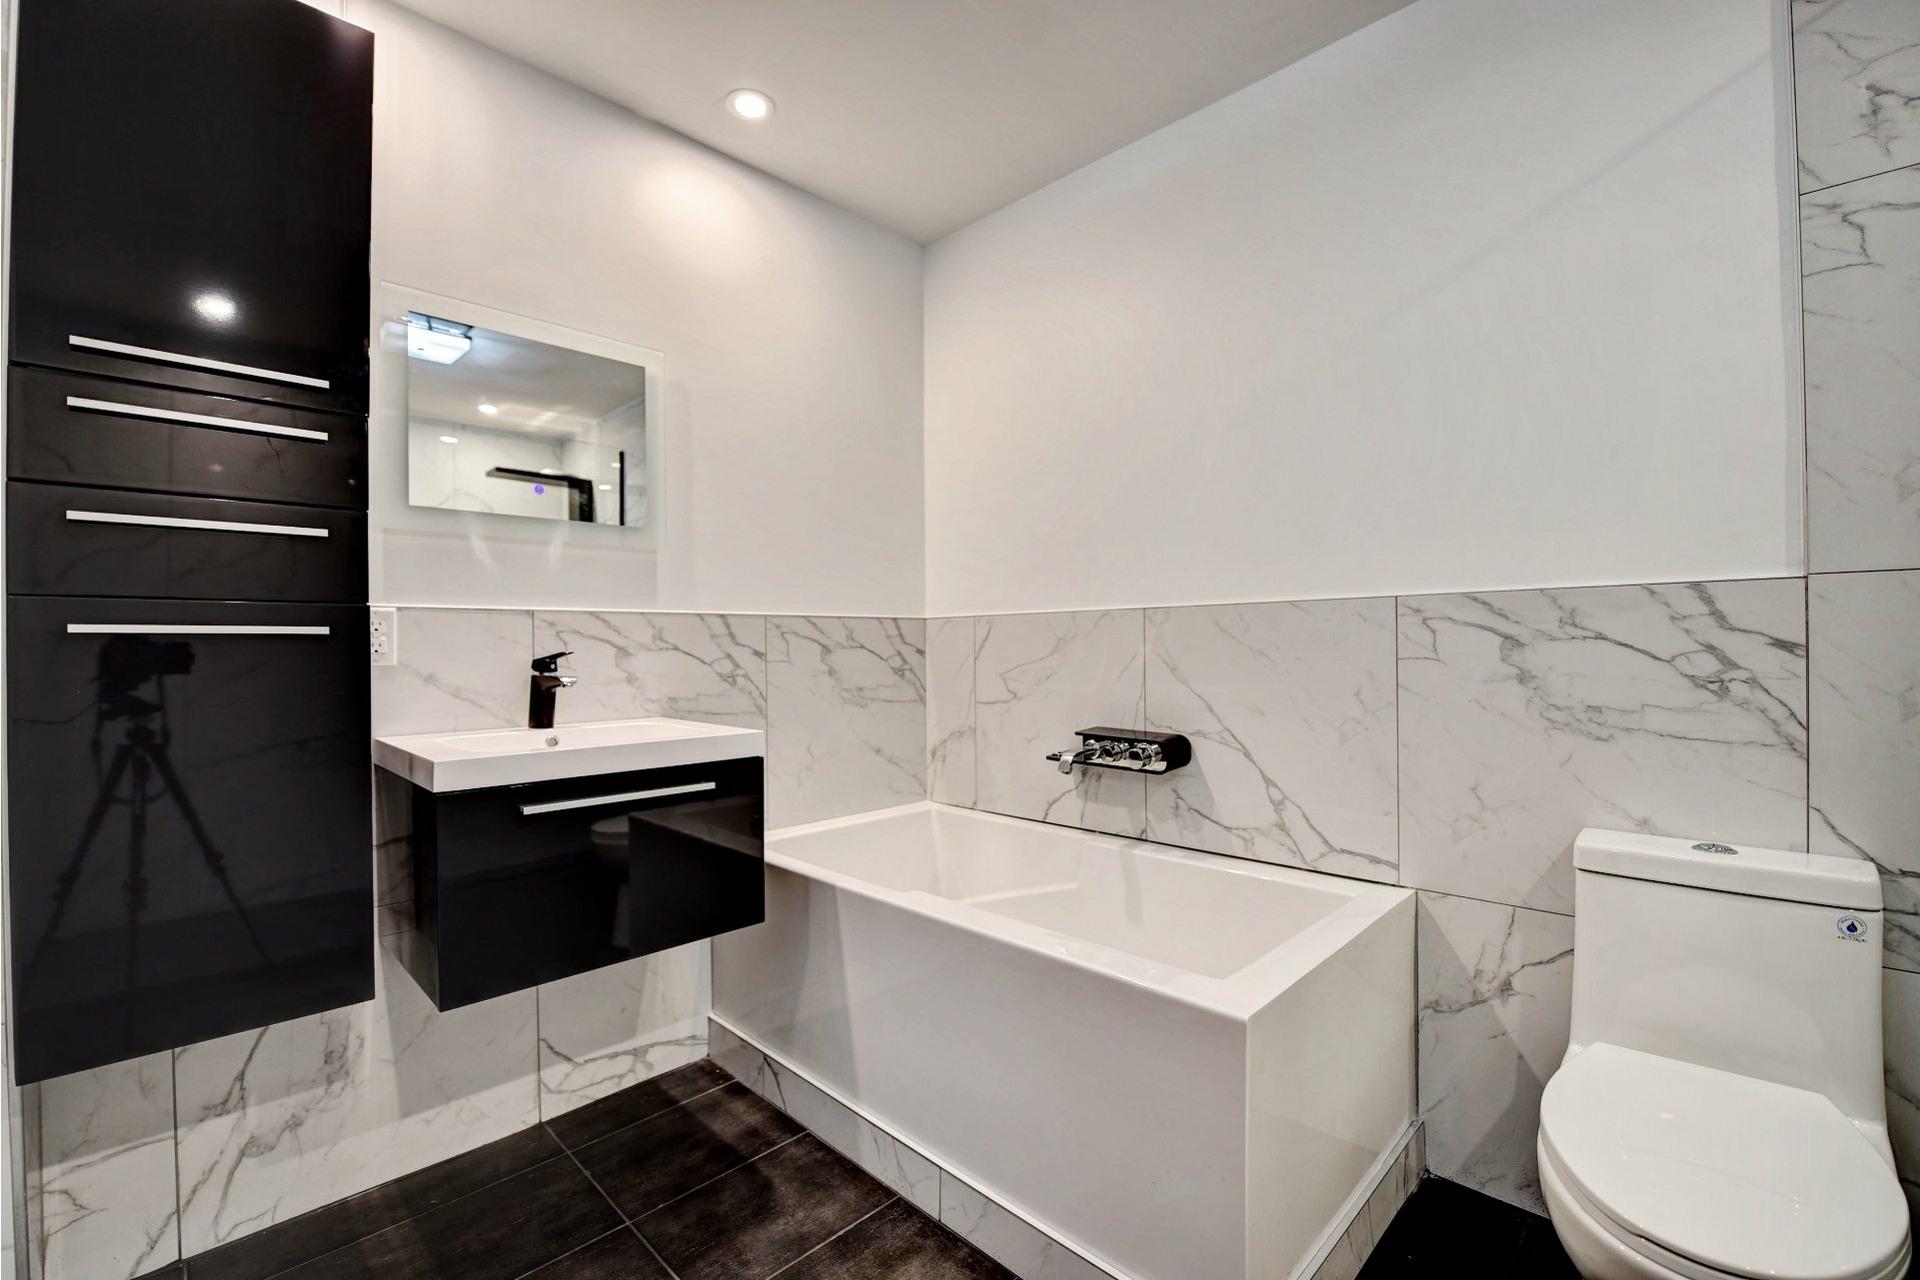 image 19 - Appartement À vendre Montréal Verdun/Île-des-Soeurs  - 8 pièces